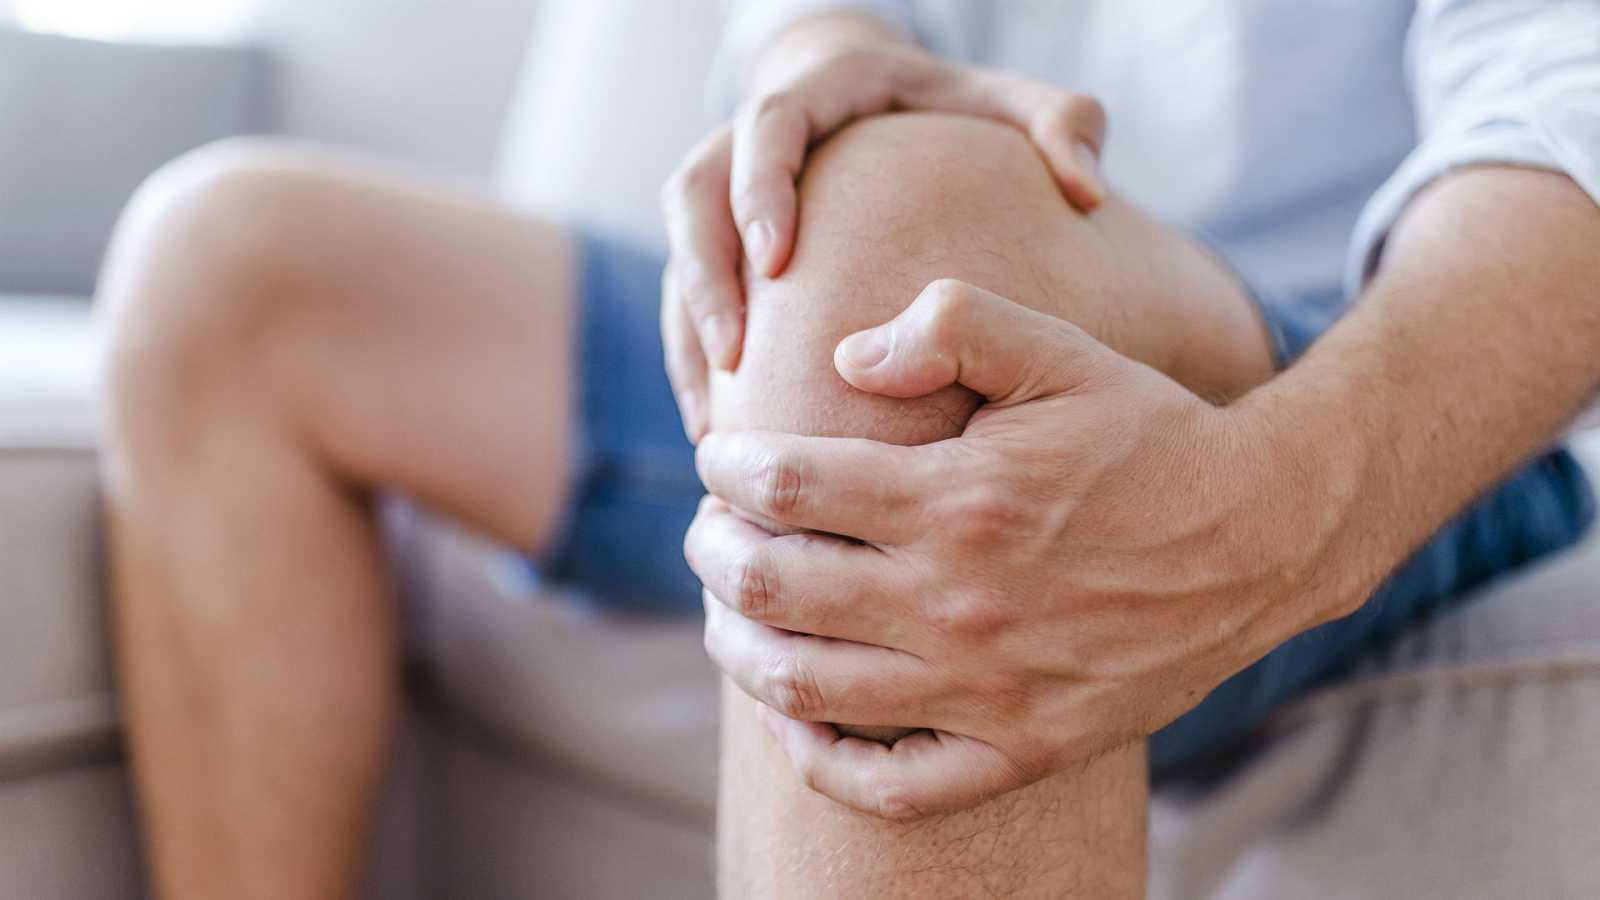 A su salud -  Artrosis y unidades del dolor - 27/11/20 - Escuchar ahora